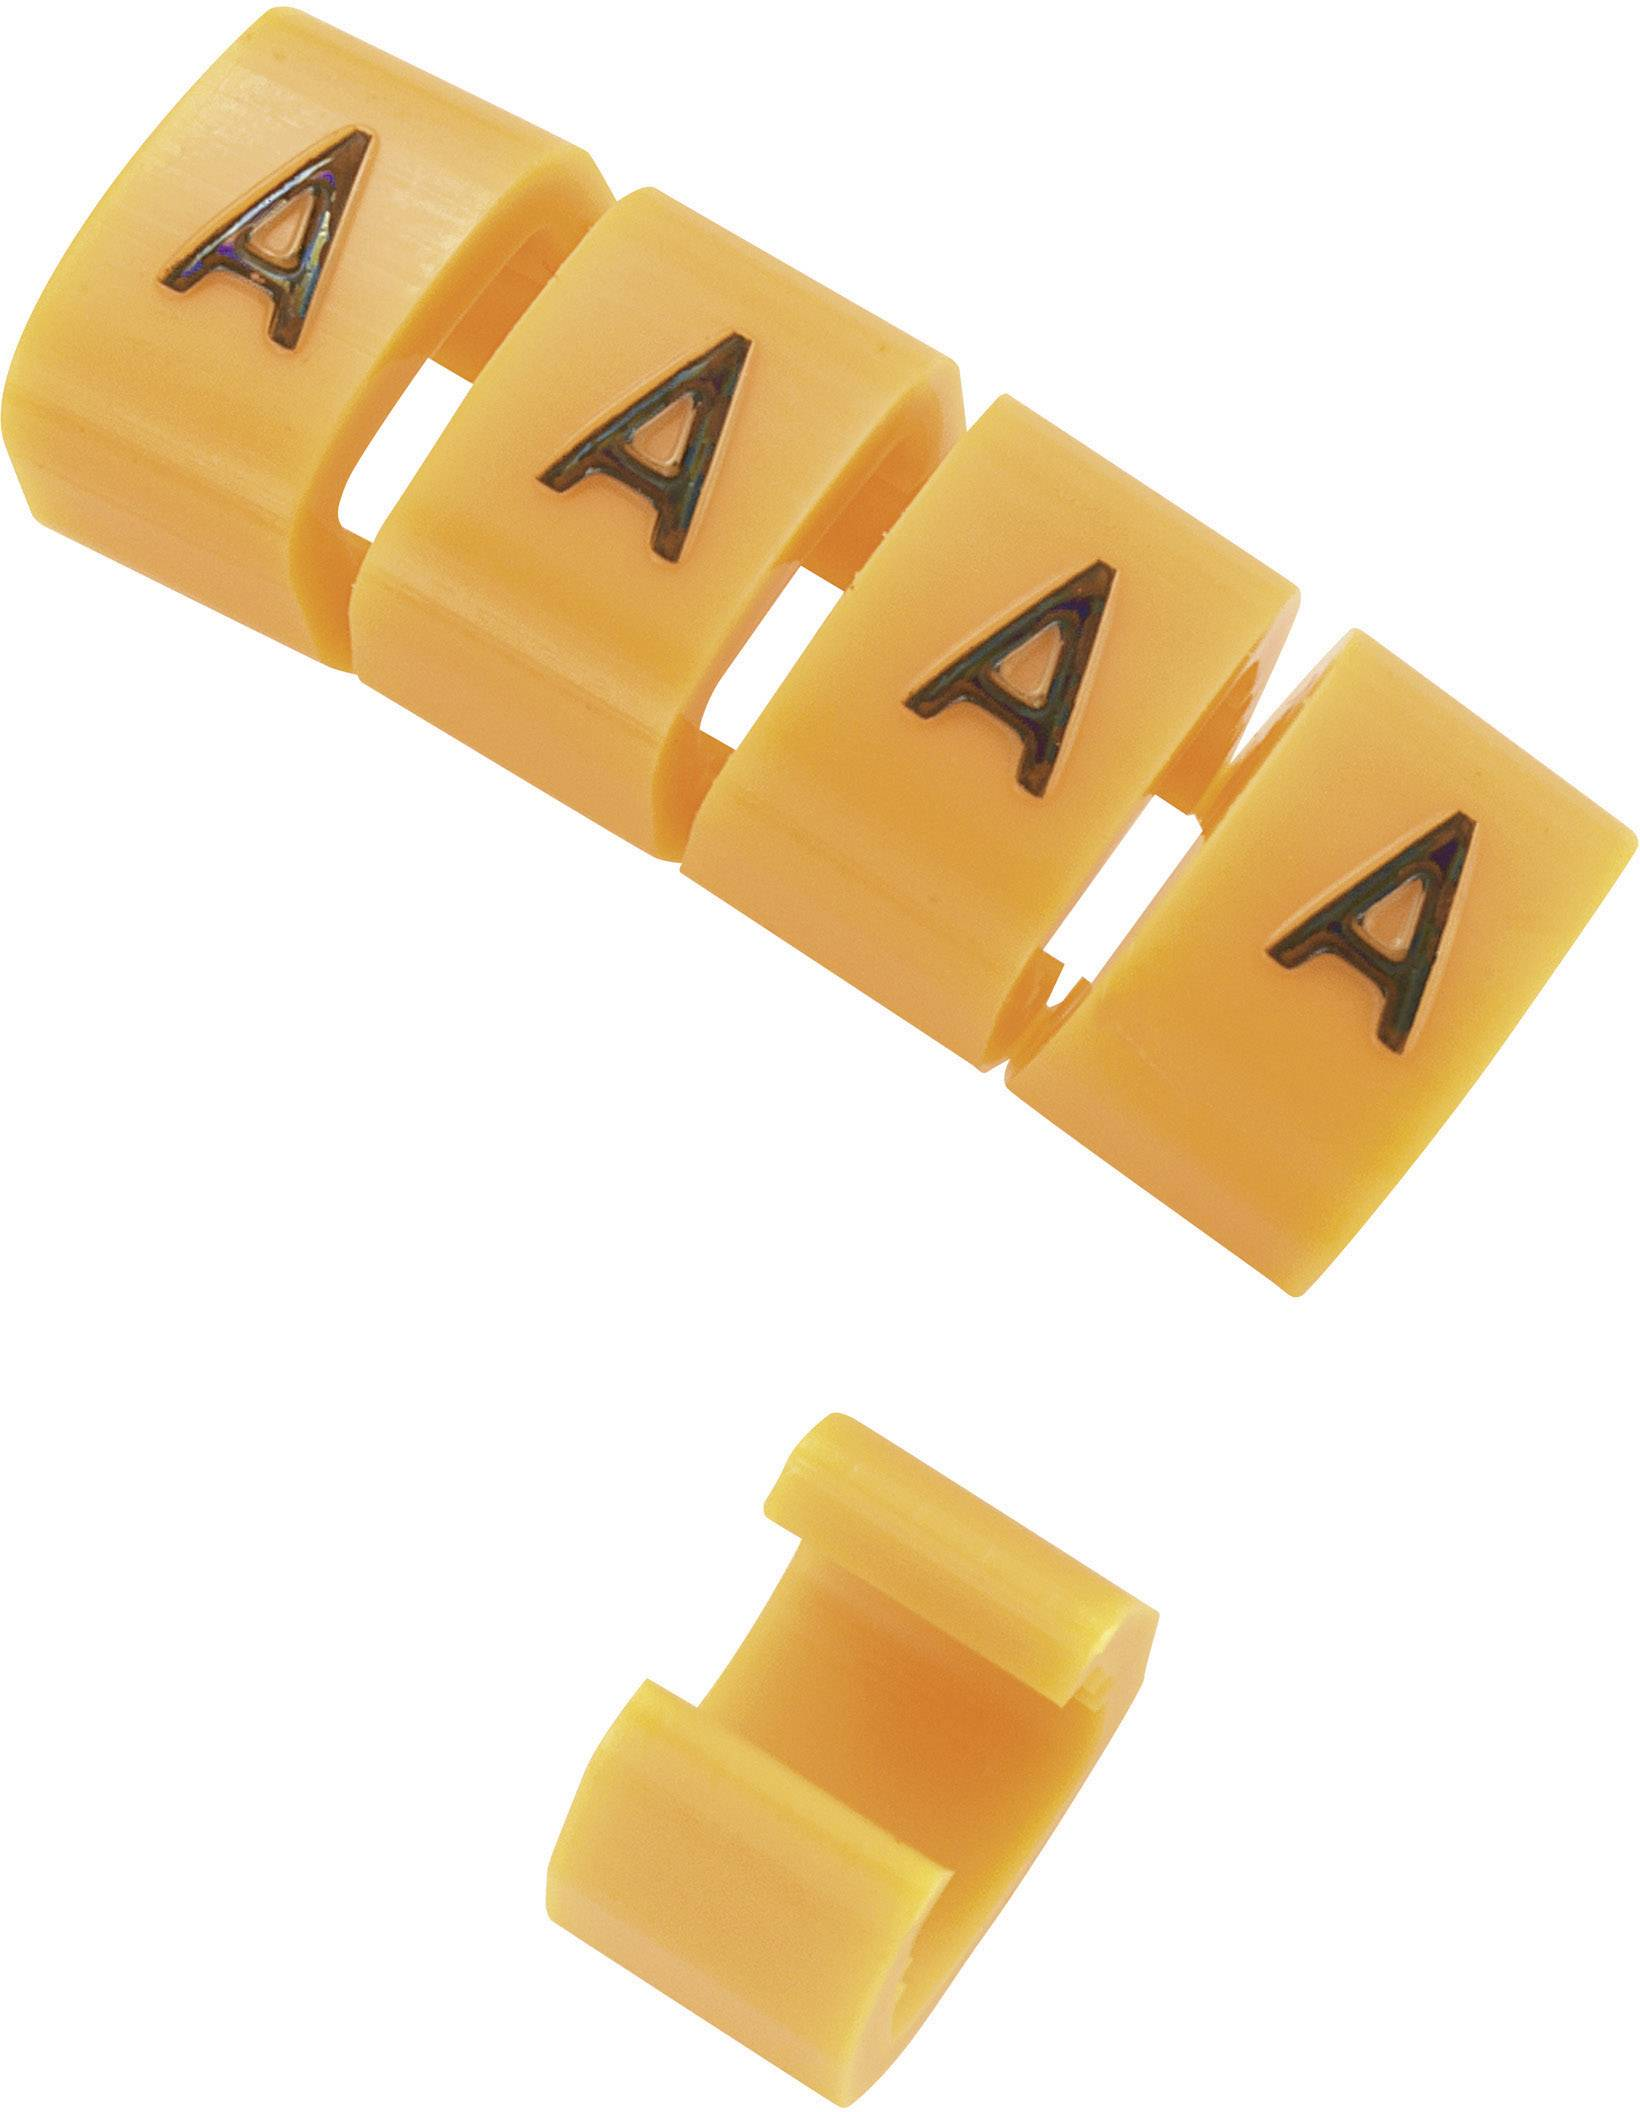 Označovacie objímka na káble KSS MB2/G, oranžová, 10 ks